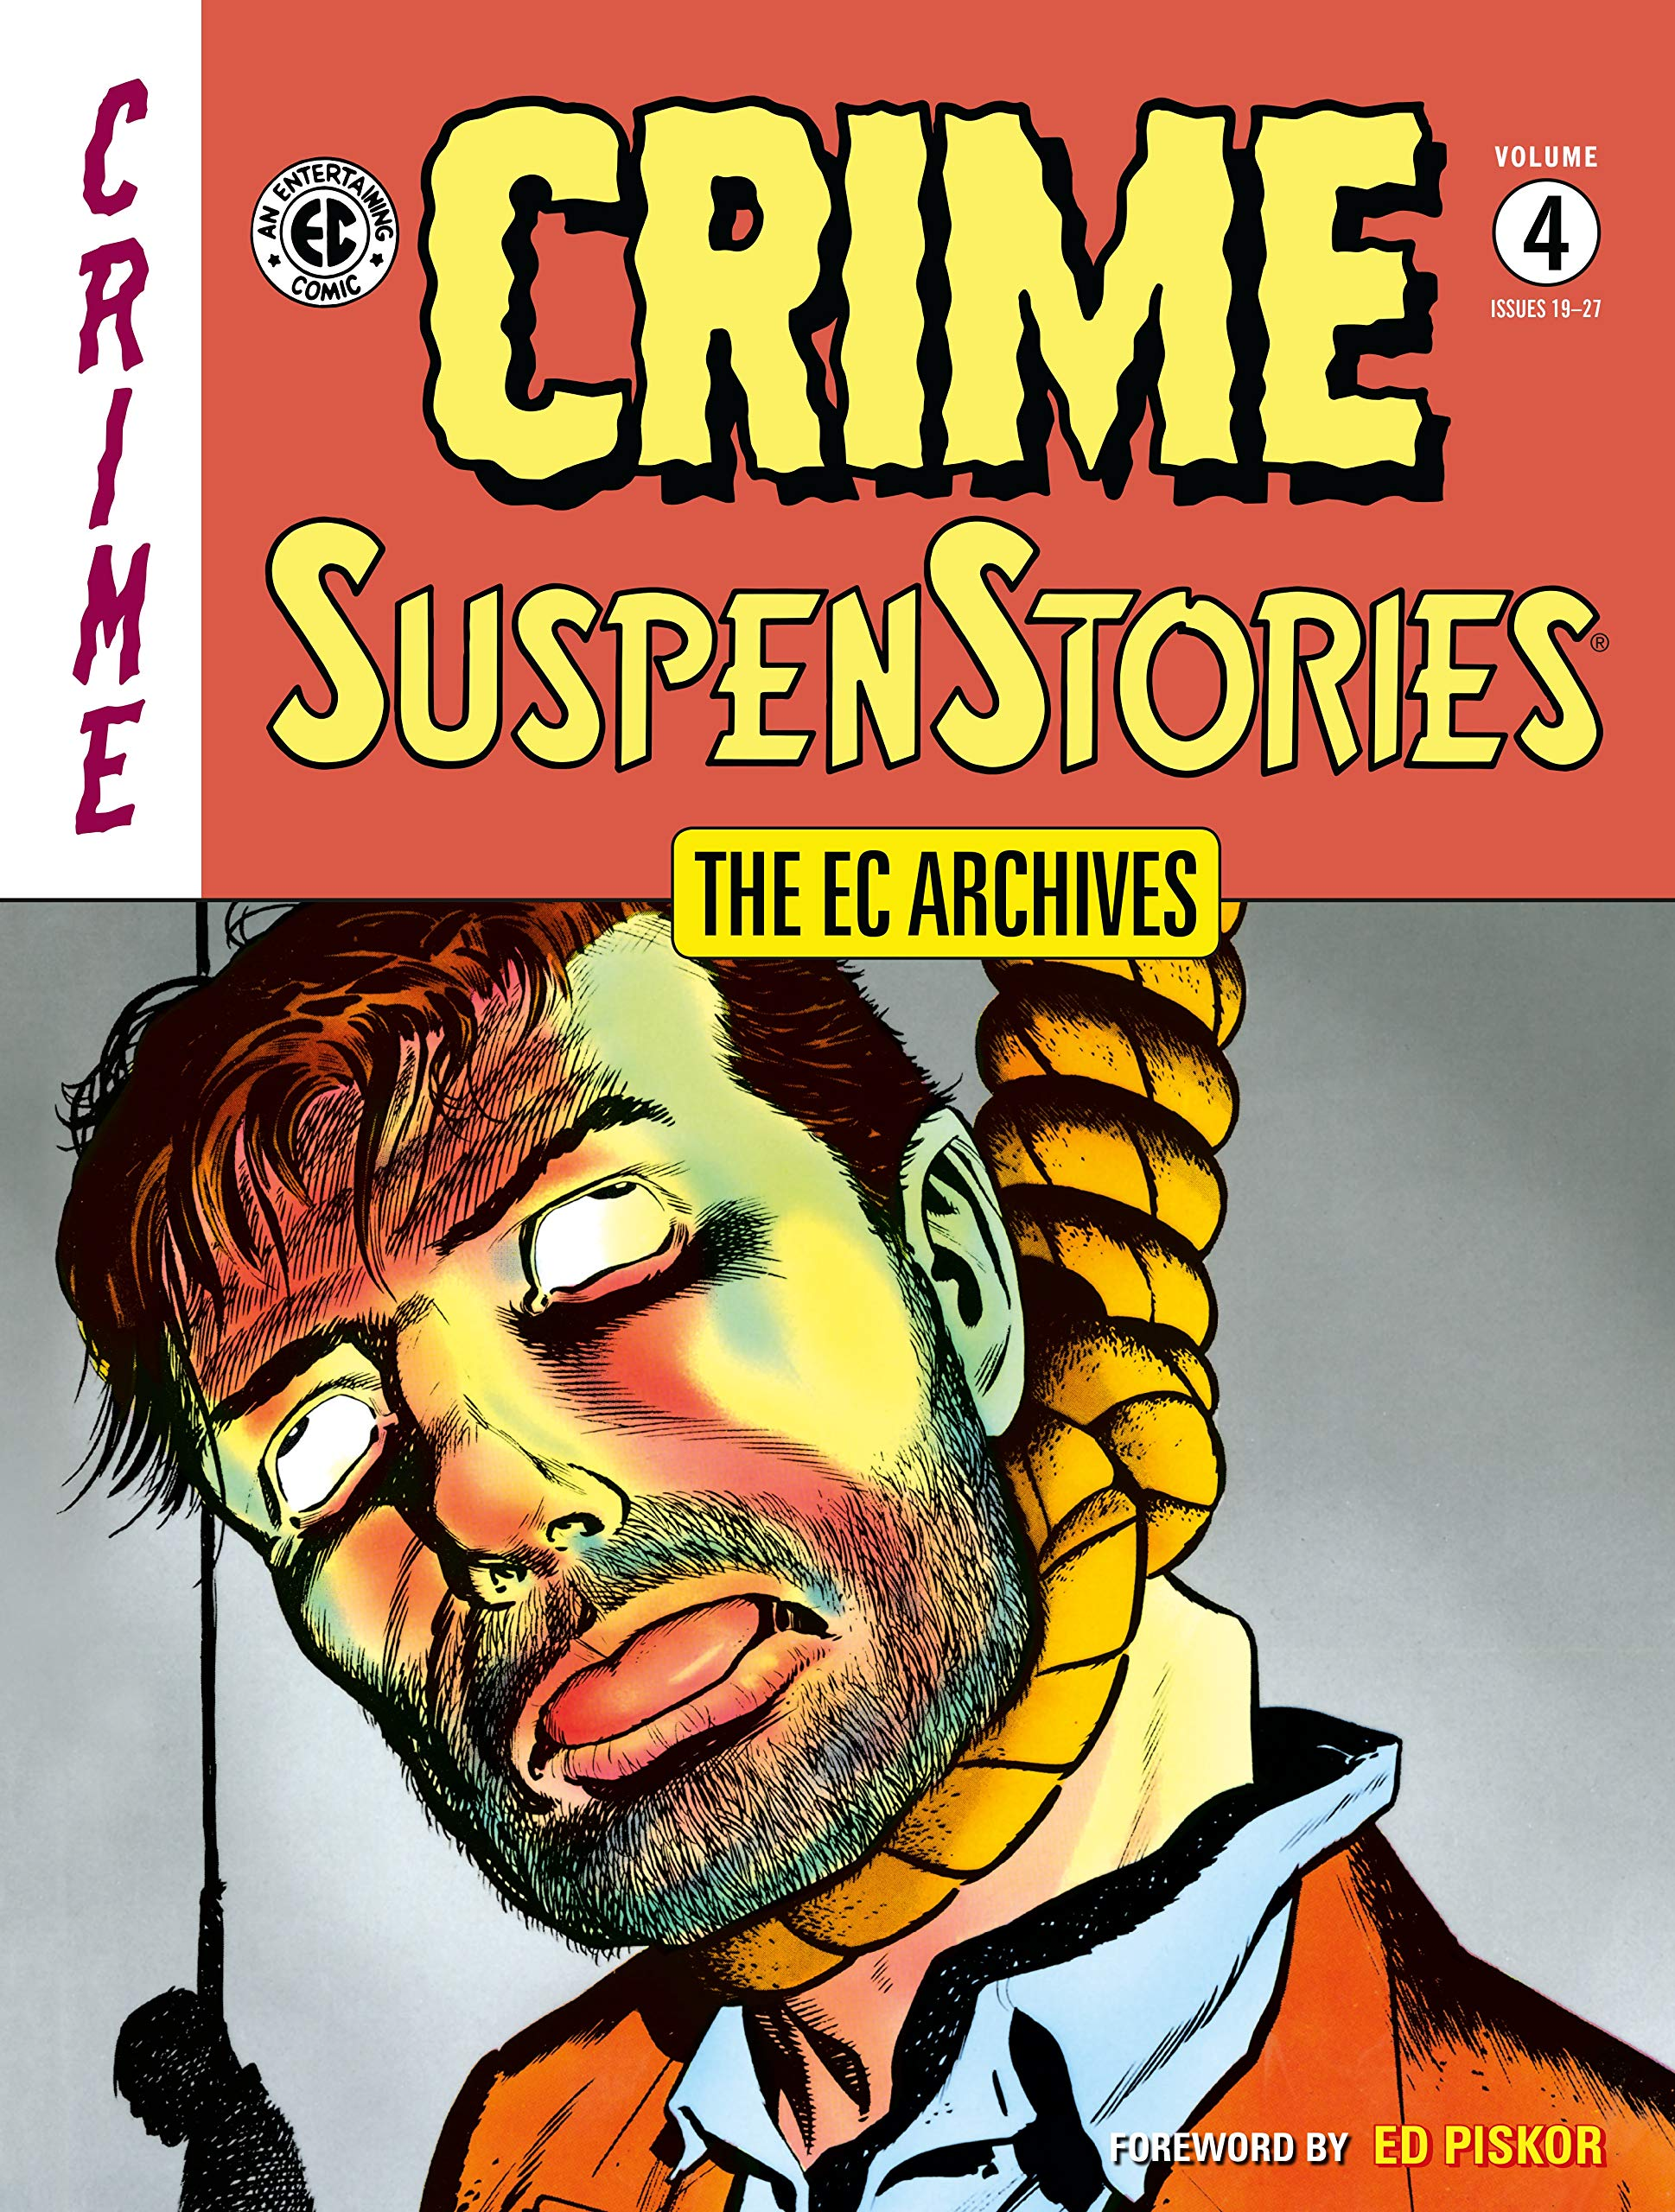 EC Archives 4 CRIME SuspenStories Vol